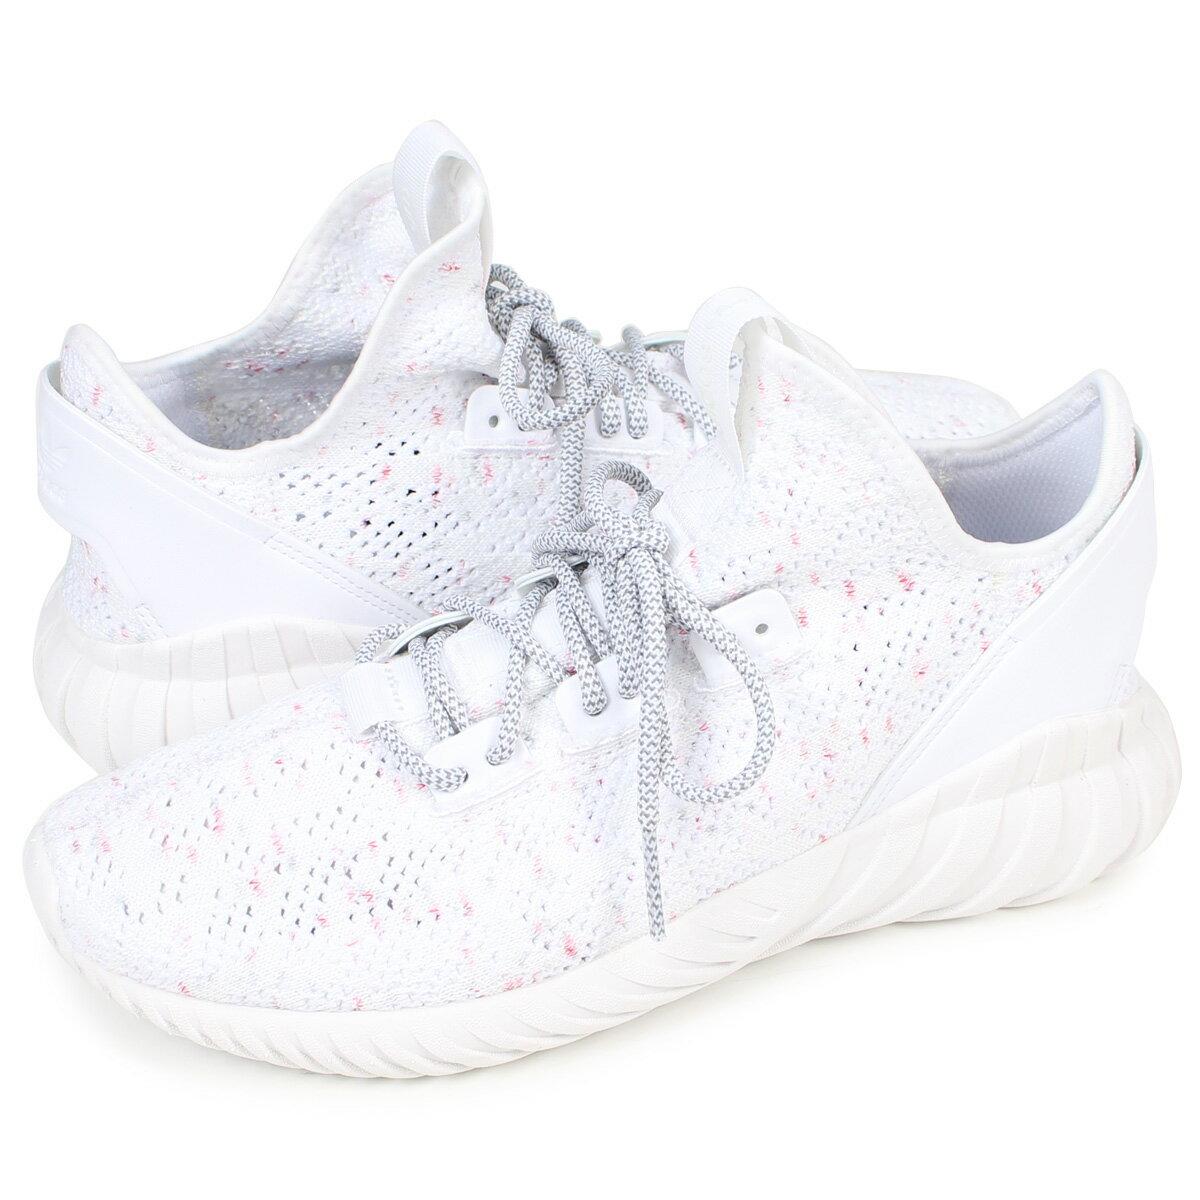 adidas originals TUBULAR DOOM SOCK PK アディダス チューブラー スニーカー メンズ CQ0941 靴 ホワイト [12/15 新入荷]